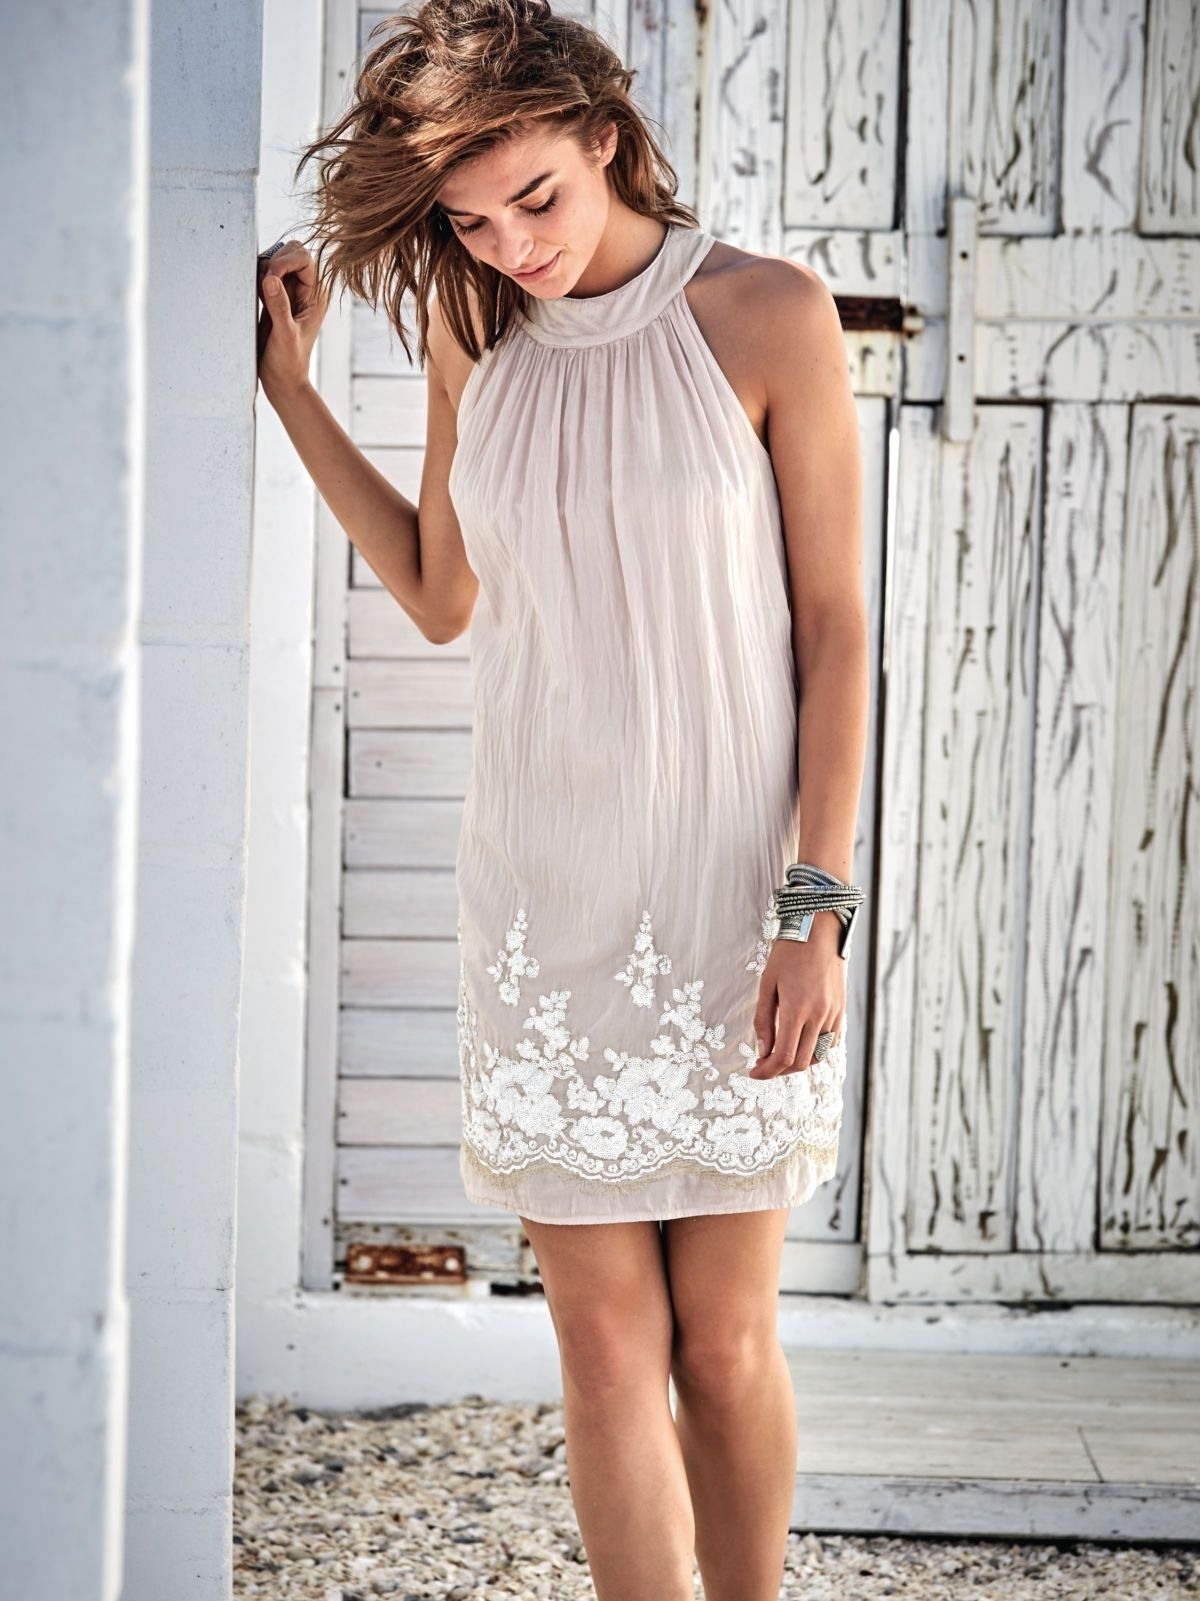 15 Kreativ Schöne Kleider Hochzeitsgast ÄrmelDesigner Coolste Schöne Kleider Hochzeitsgast Galerie